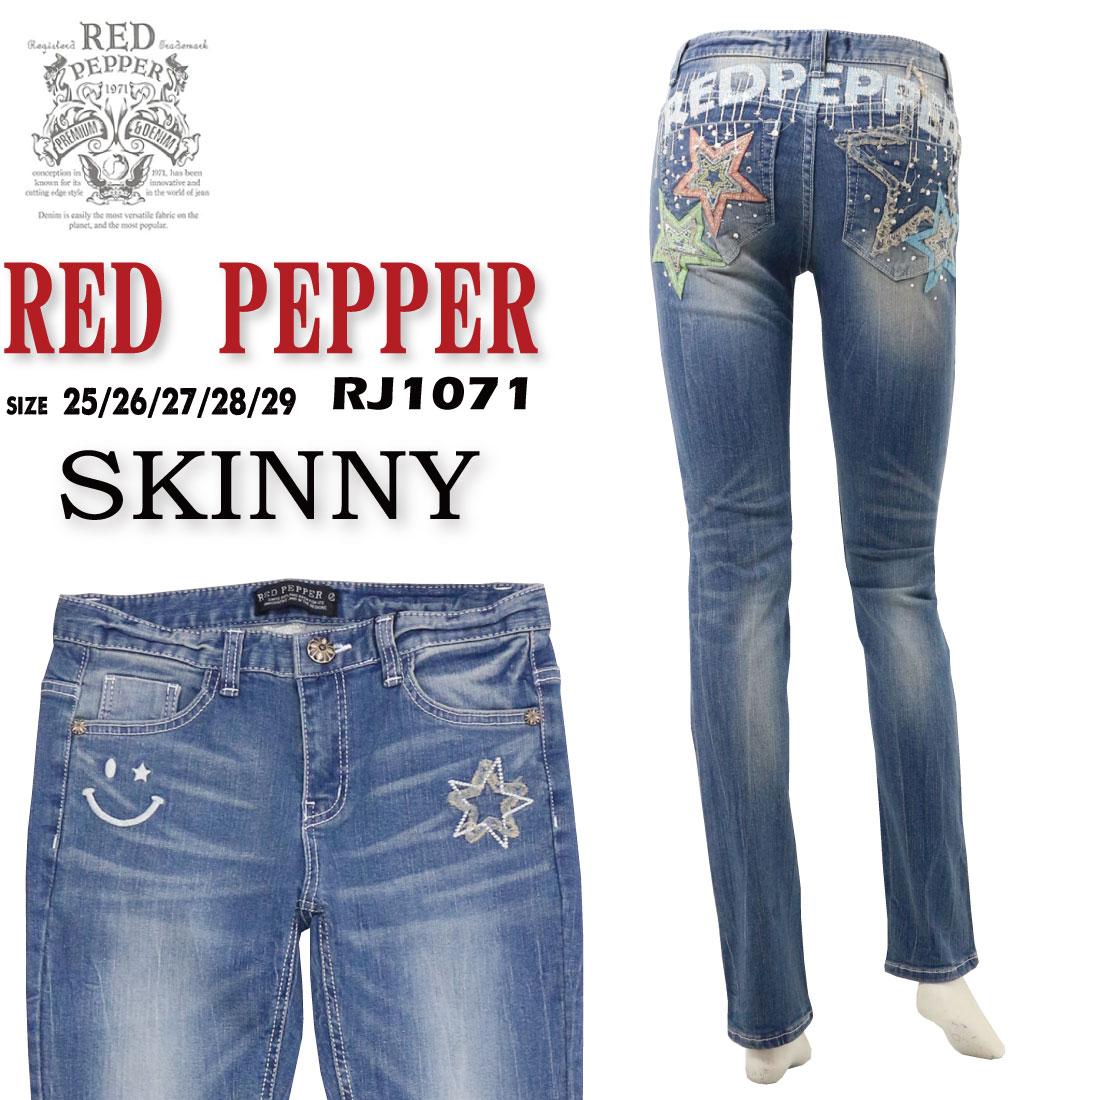 RED PEPPER レッドペッパー ジーンズ レディース スキニー 刺繍 星 にこちゃん ストーン デニム ストレッチ RJ1071 レディース ボトムス